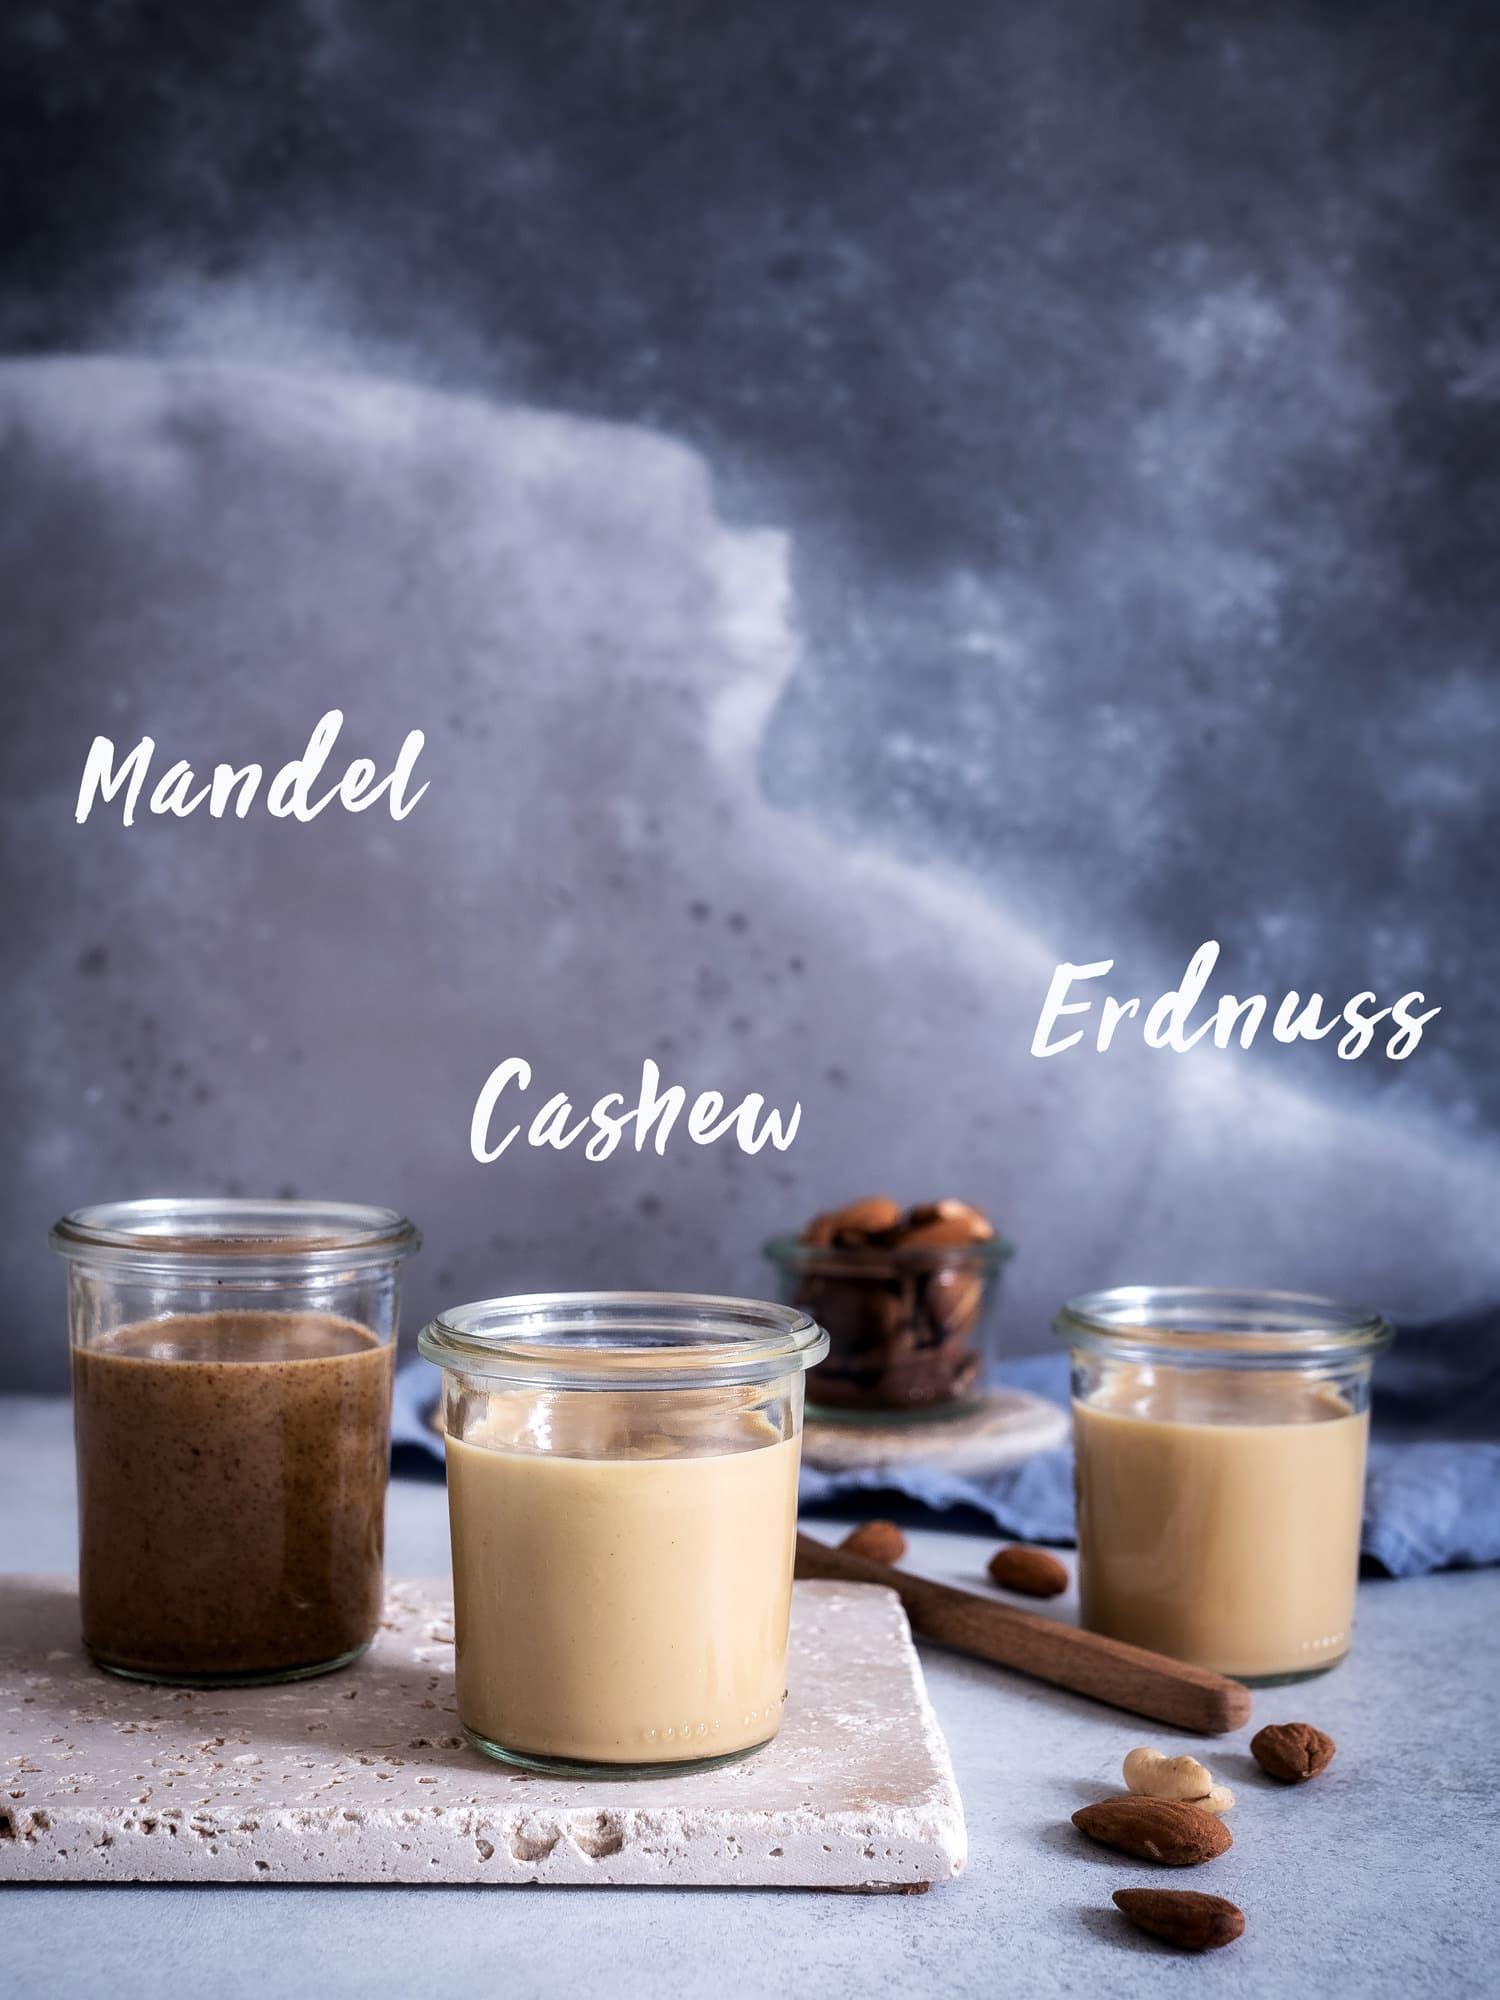 Nussmus aus Mandel, Erdnuss oder Cashew